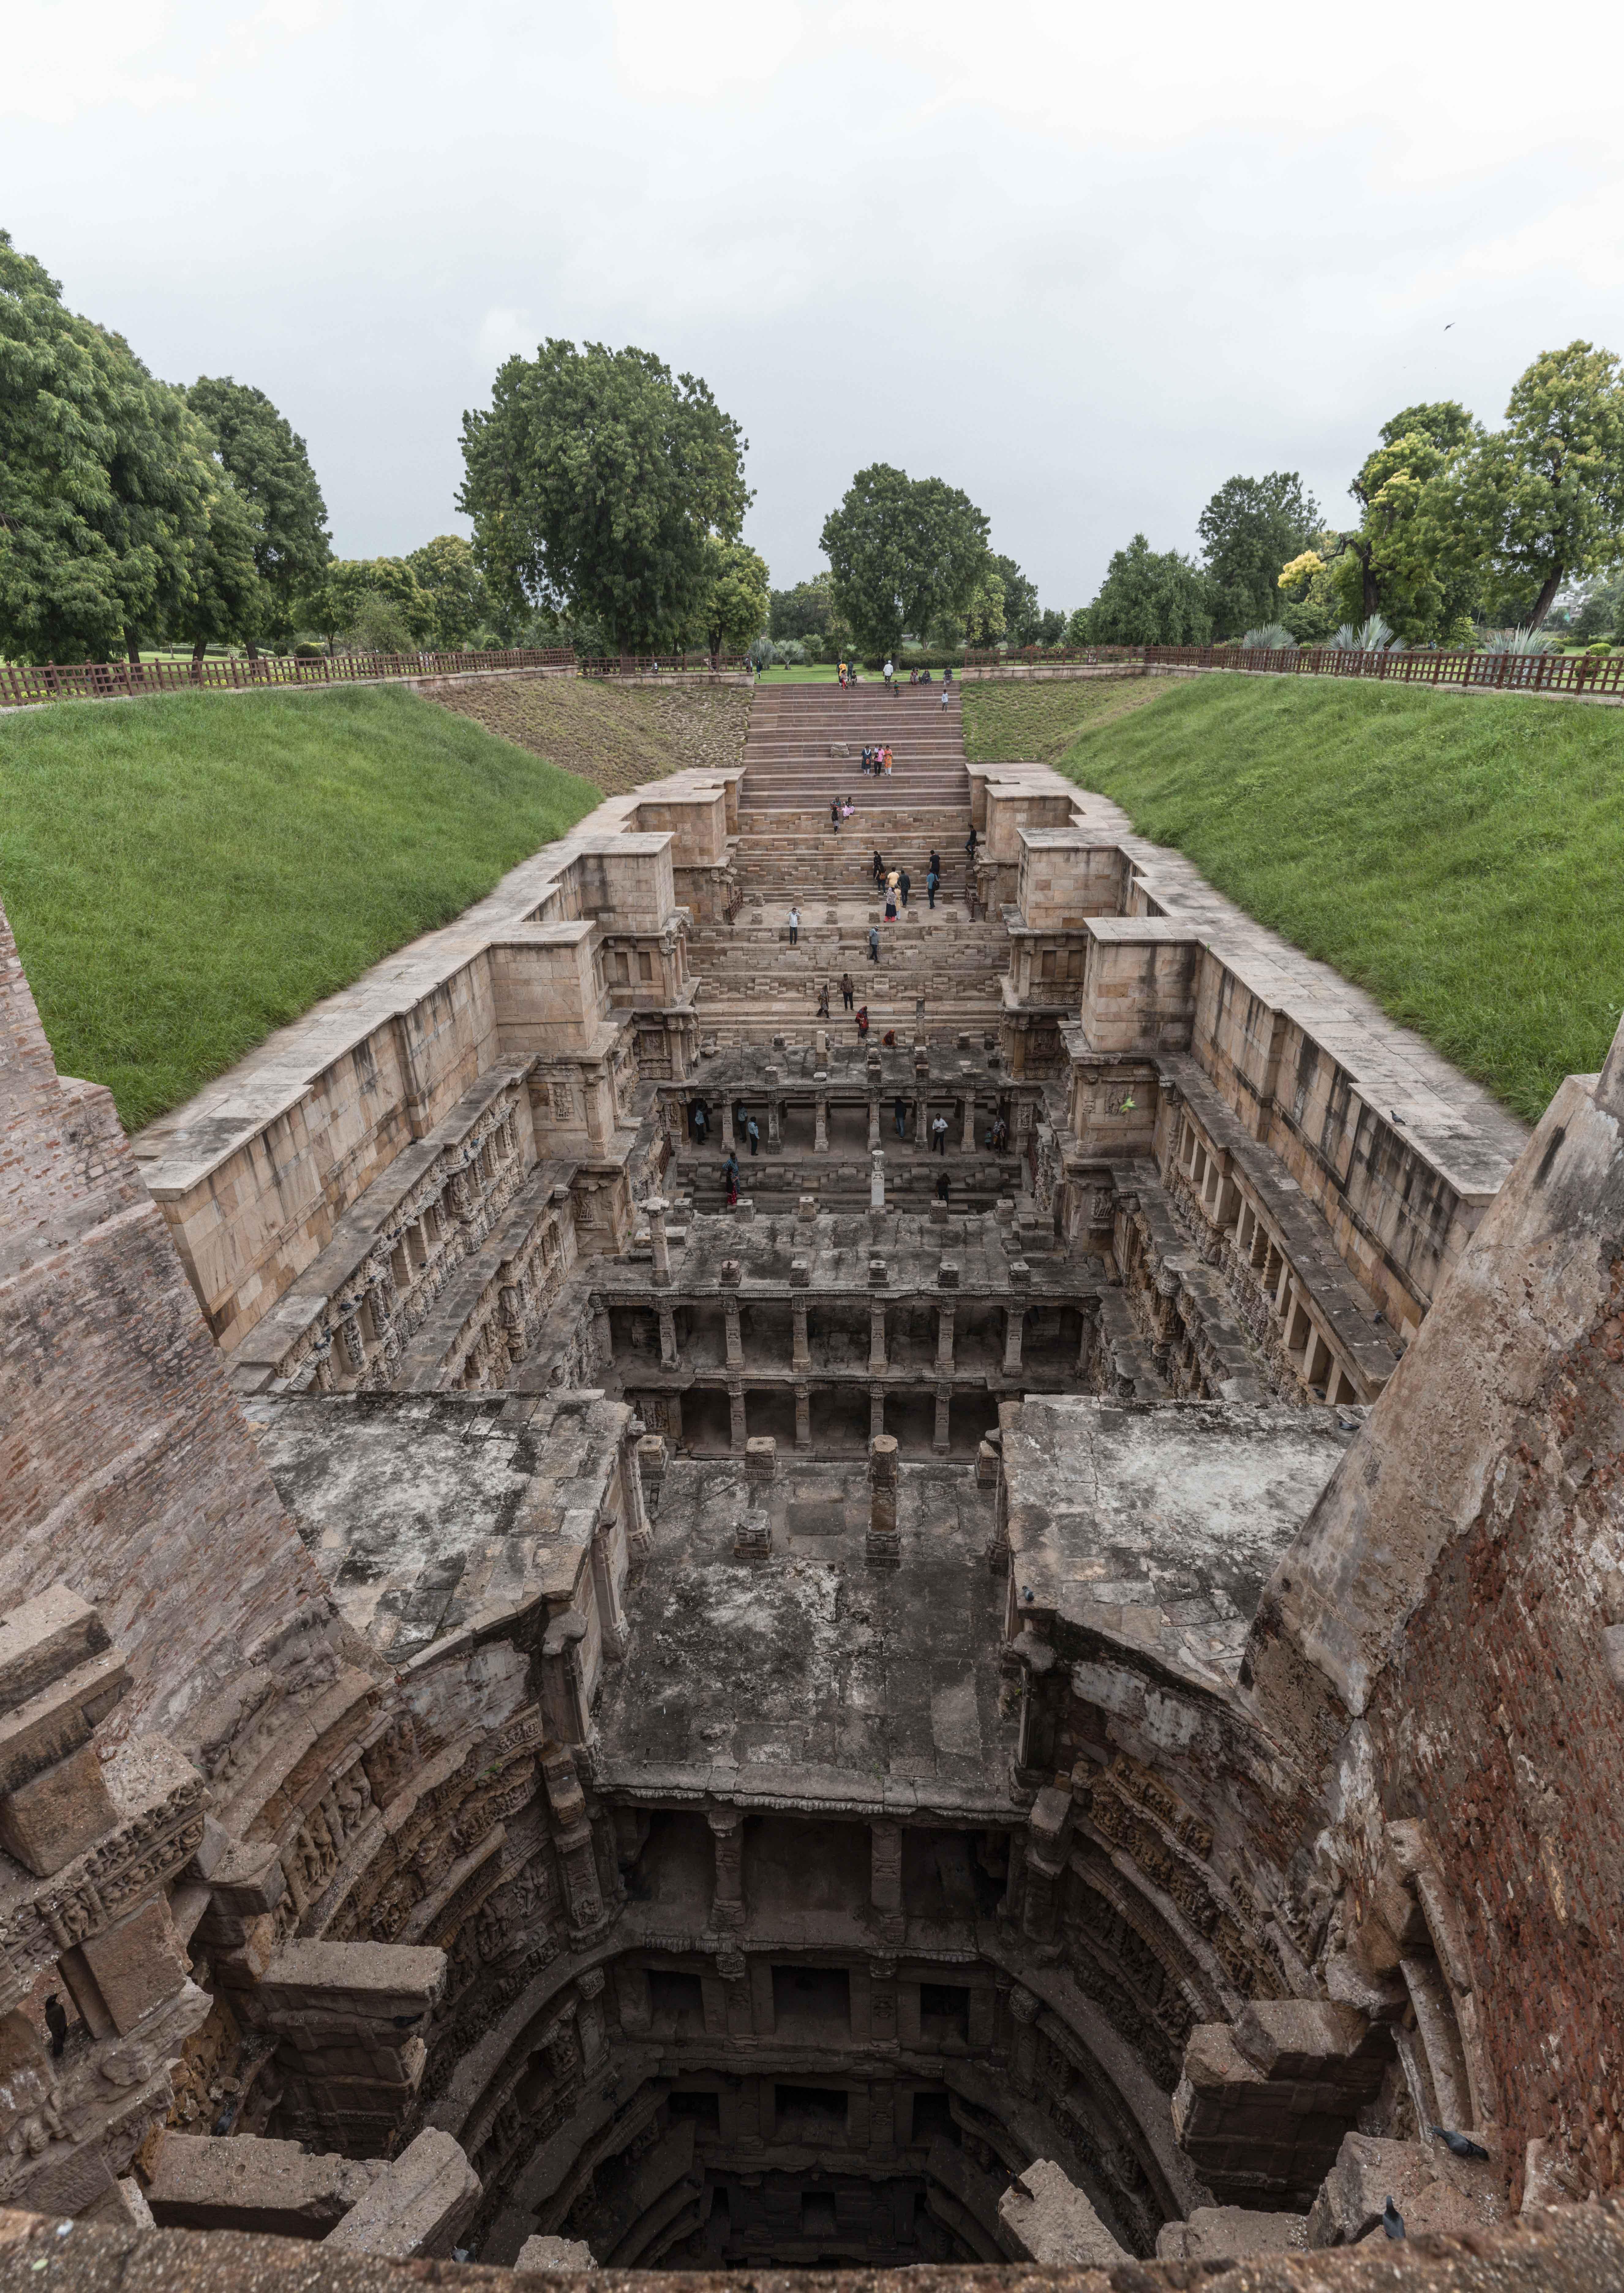 રાણકી વાવને જળ મંદિર તરીકે પણ ઓળખવામાં આવે છે